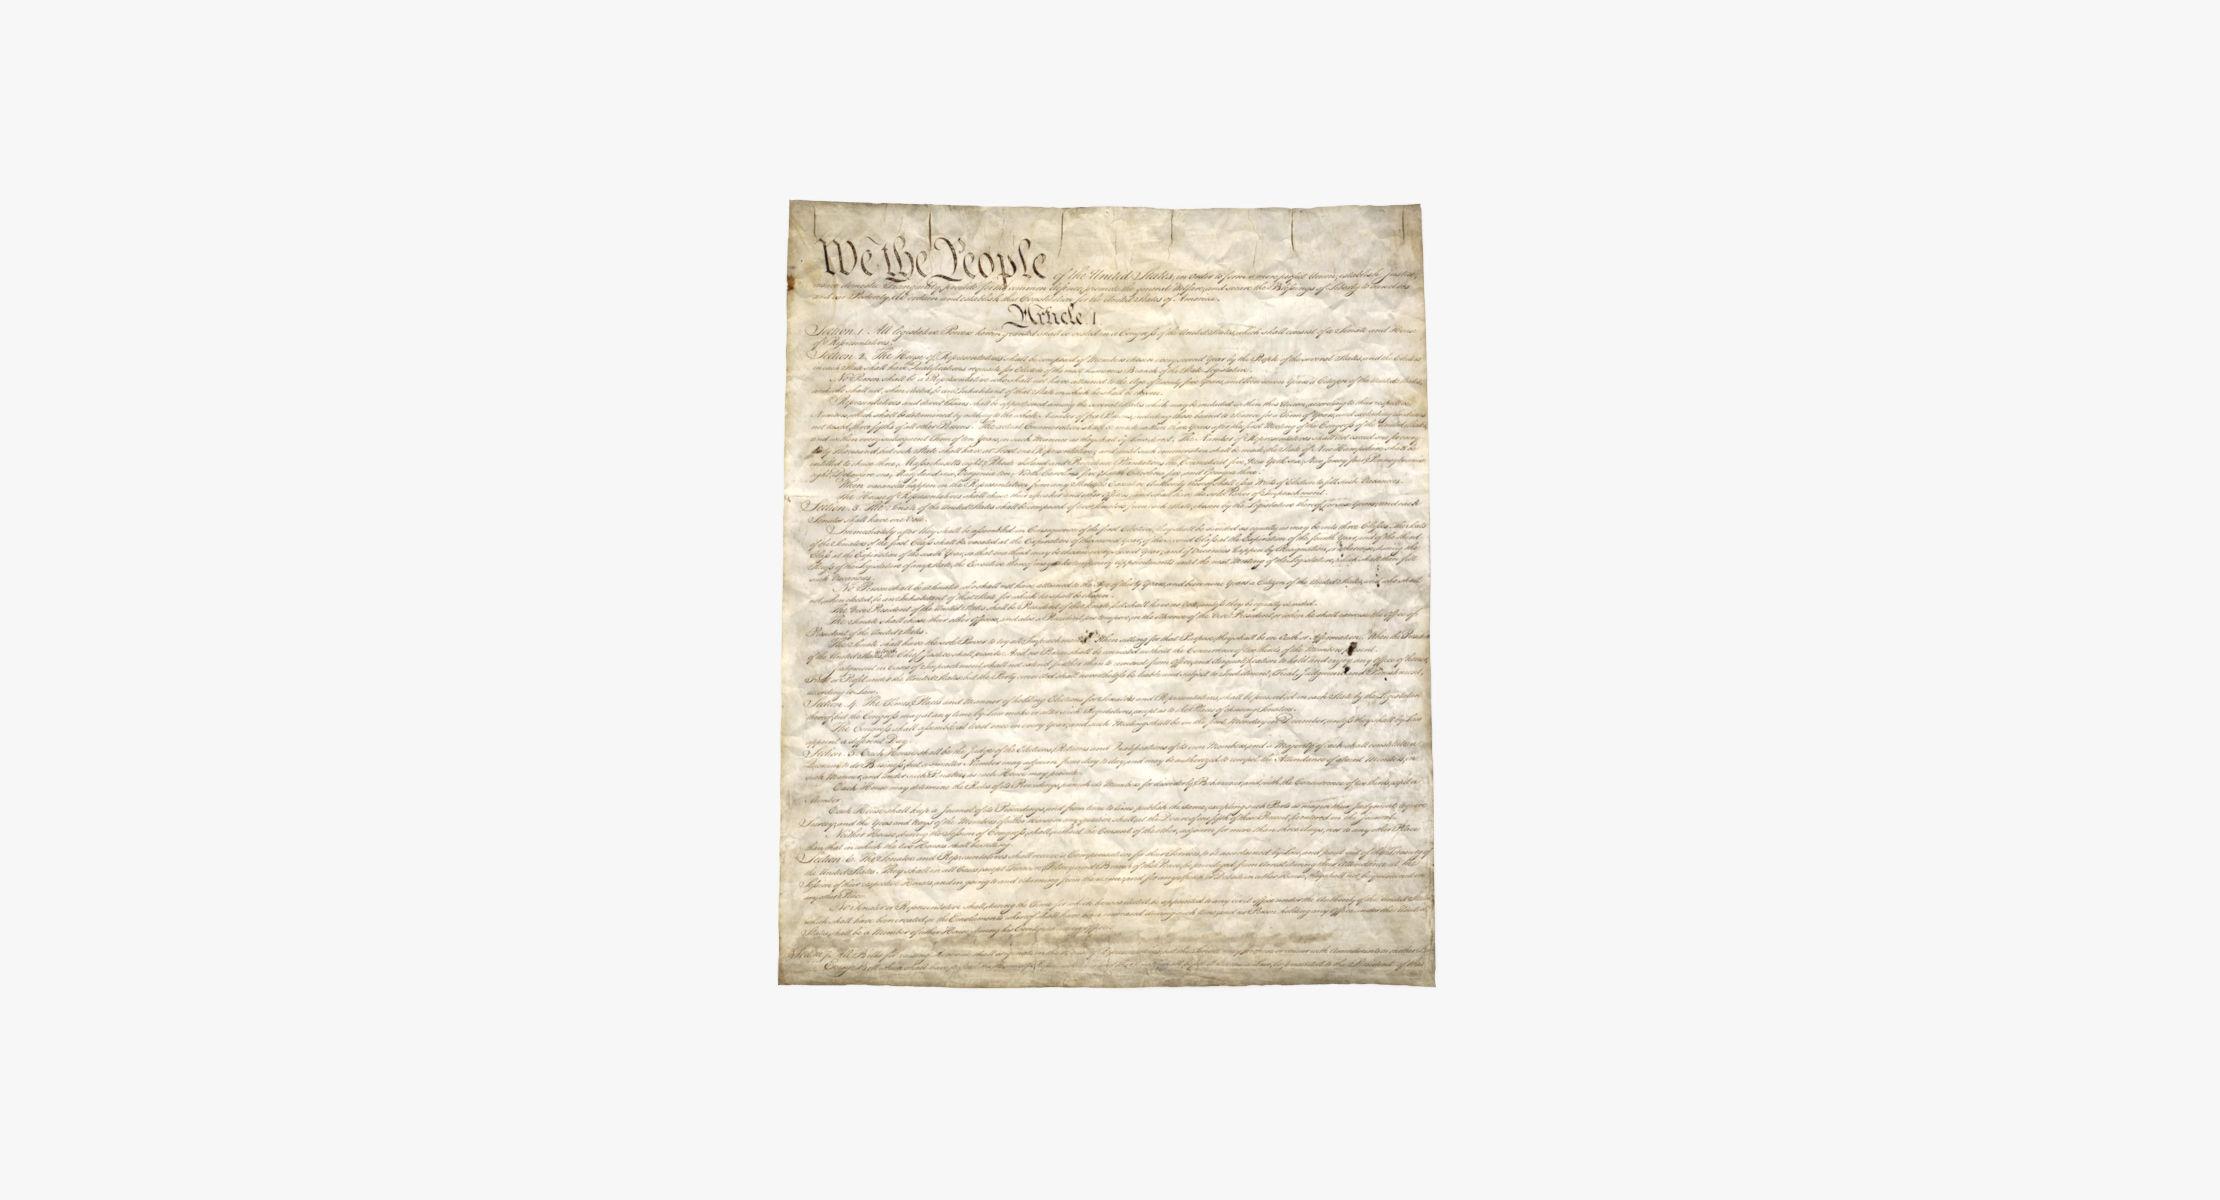 Constitution Flat 02 - reel 1